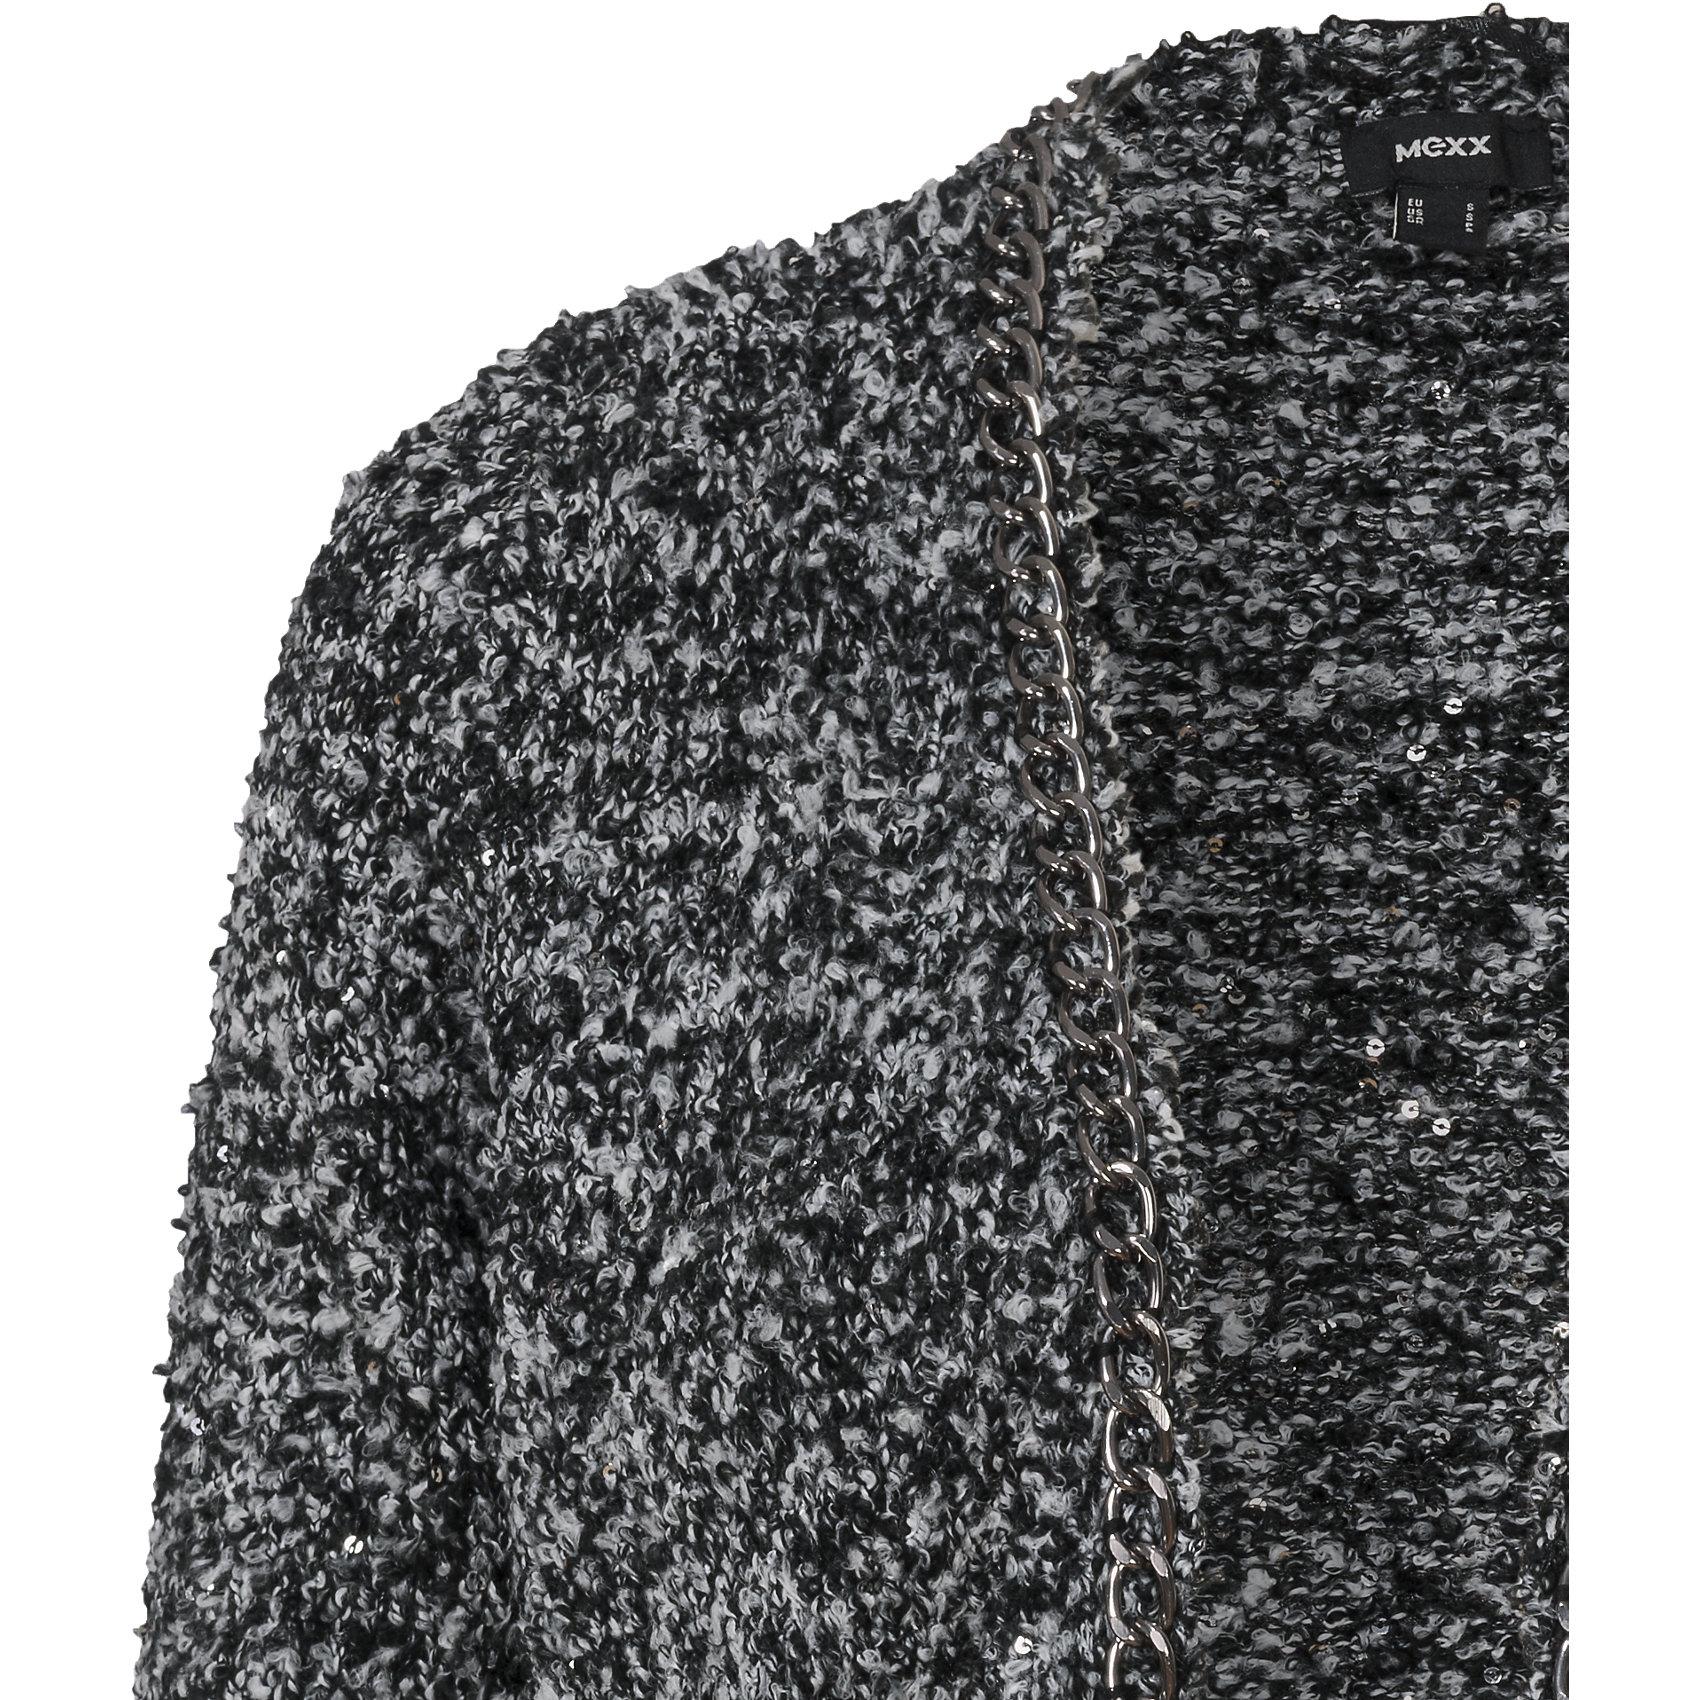 00c7eec1ad Neu-Mexx-Strickjacke-5634370-fuer-Damen-anthrazit Indexbild 7